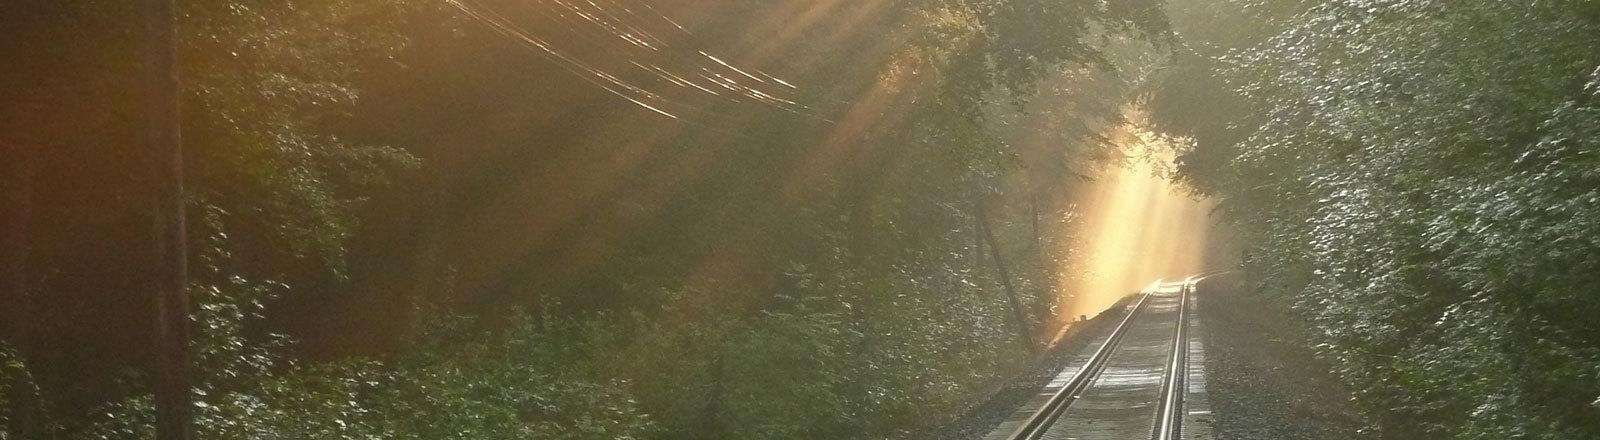 Bahntrasse mit Bäumen